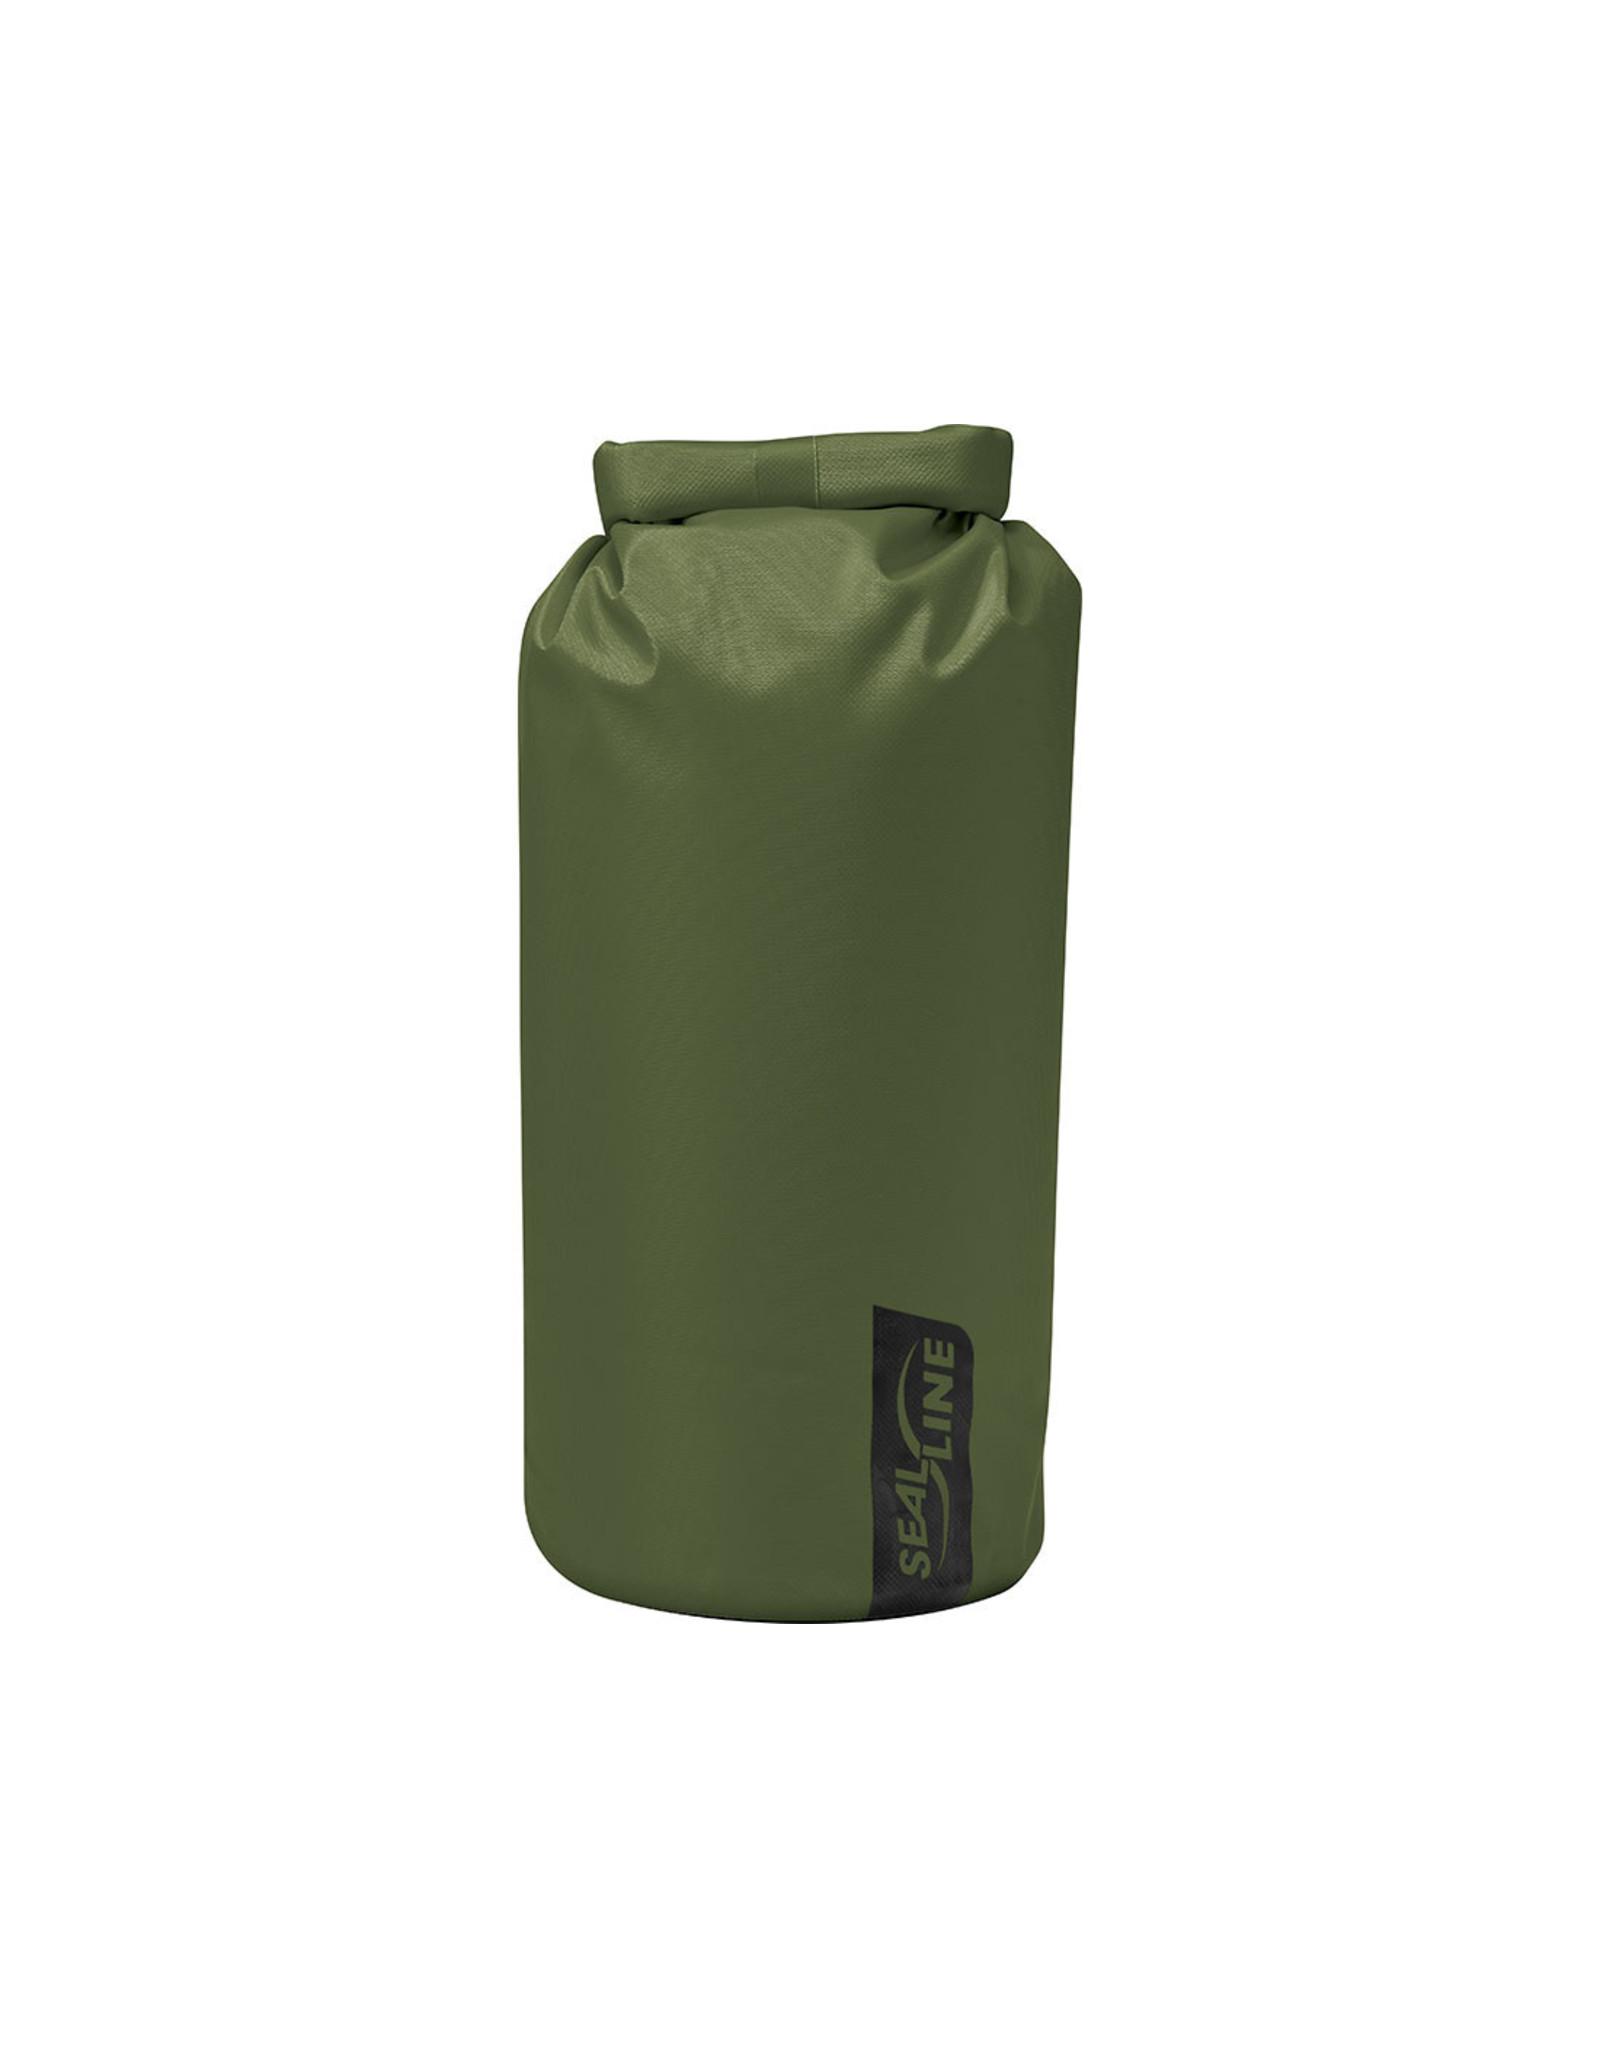 SealLine SealLine 30L Baja Dry Bag